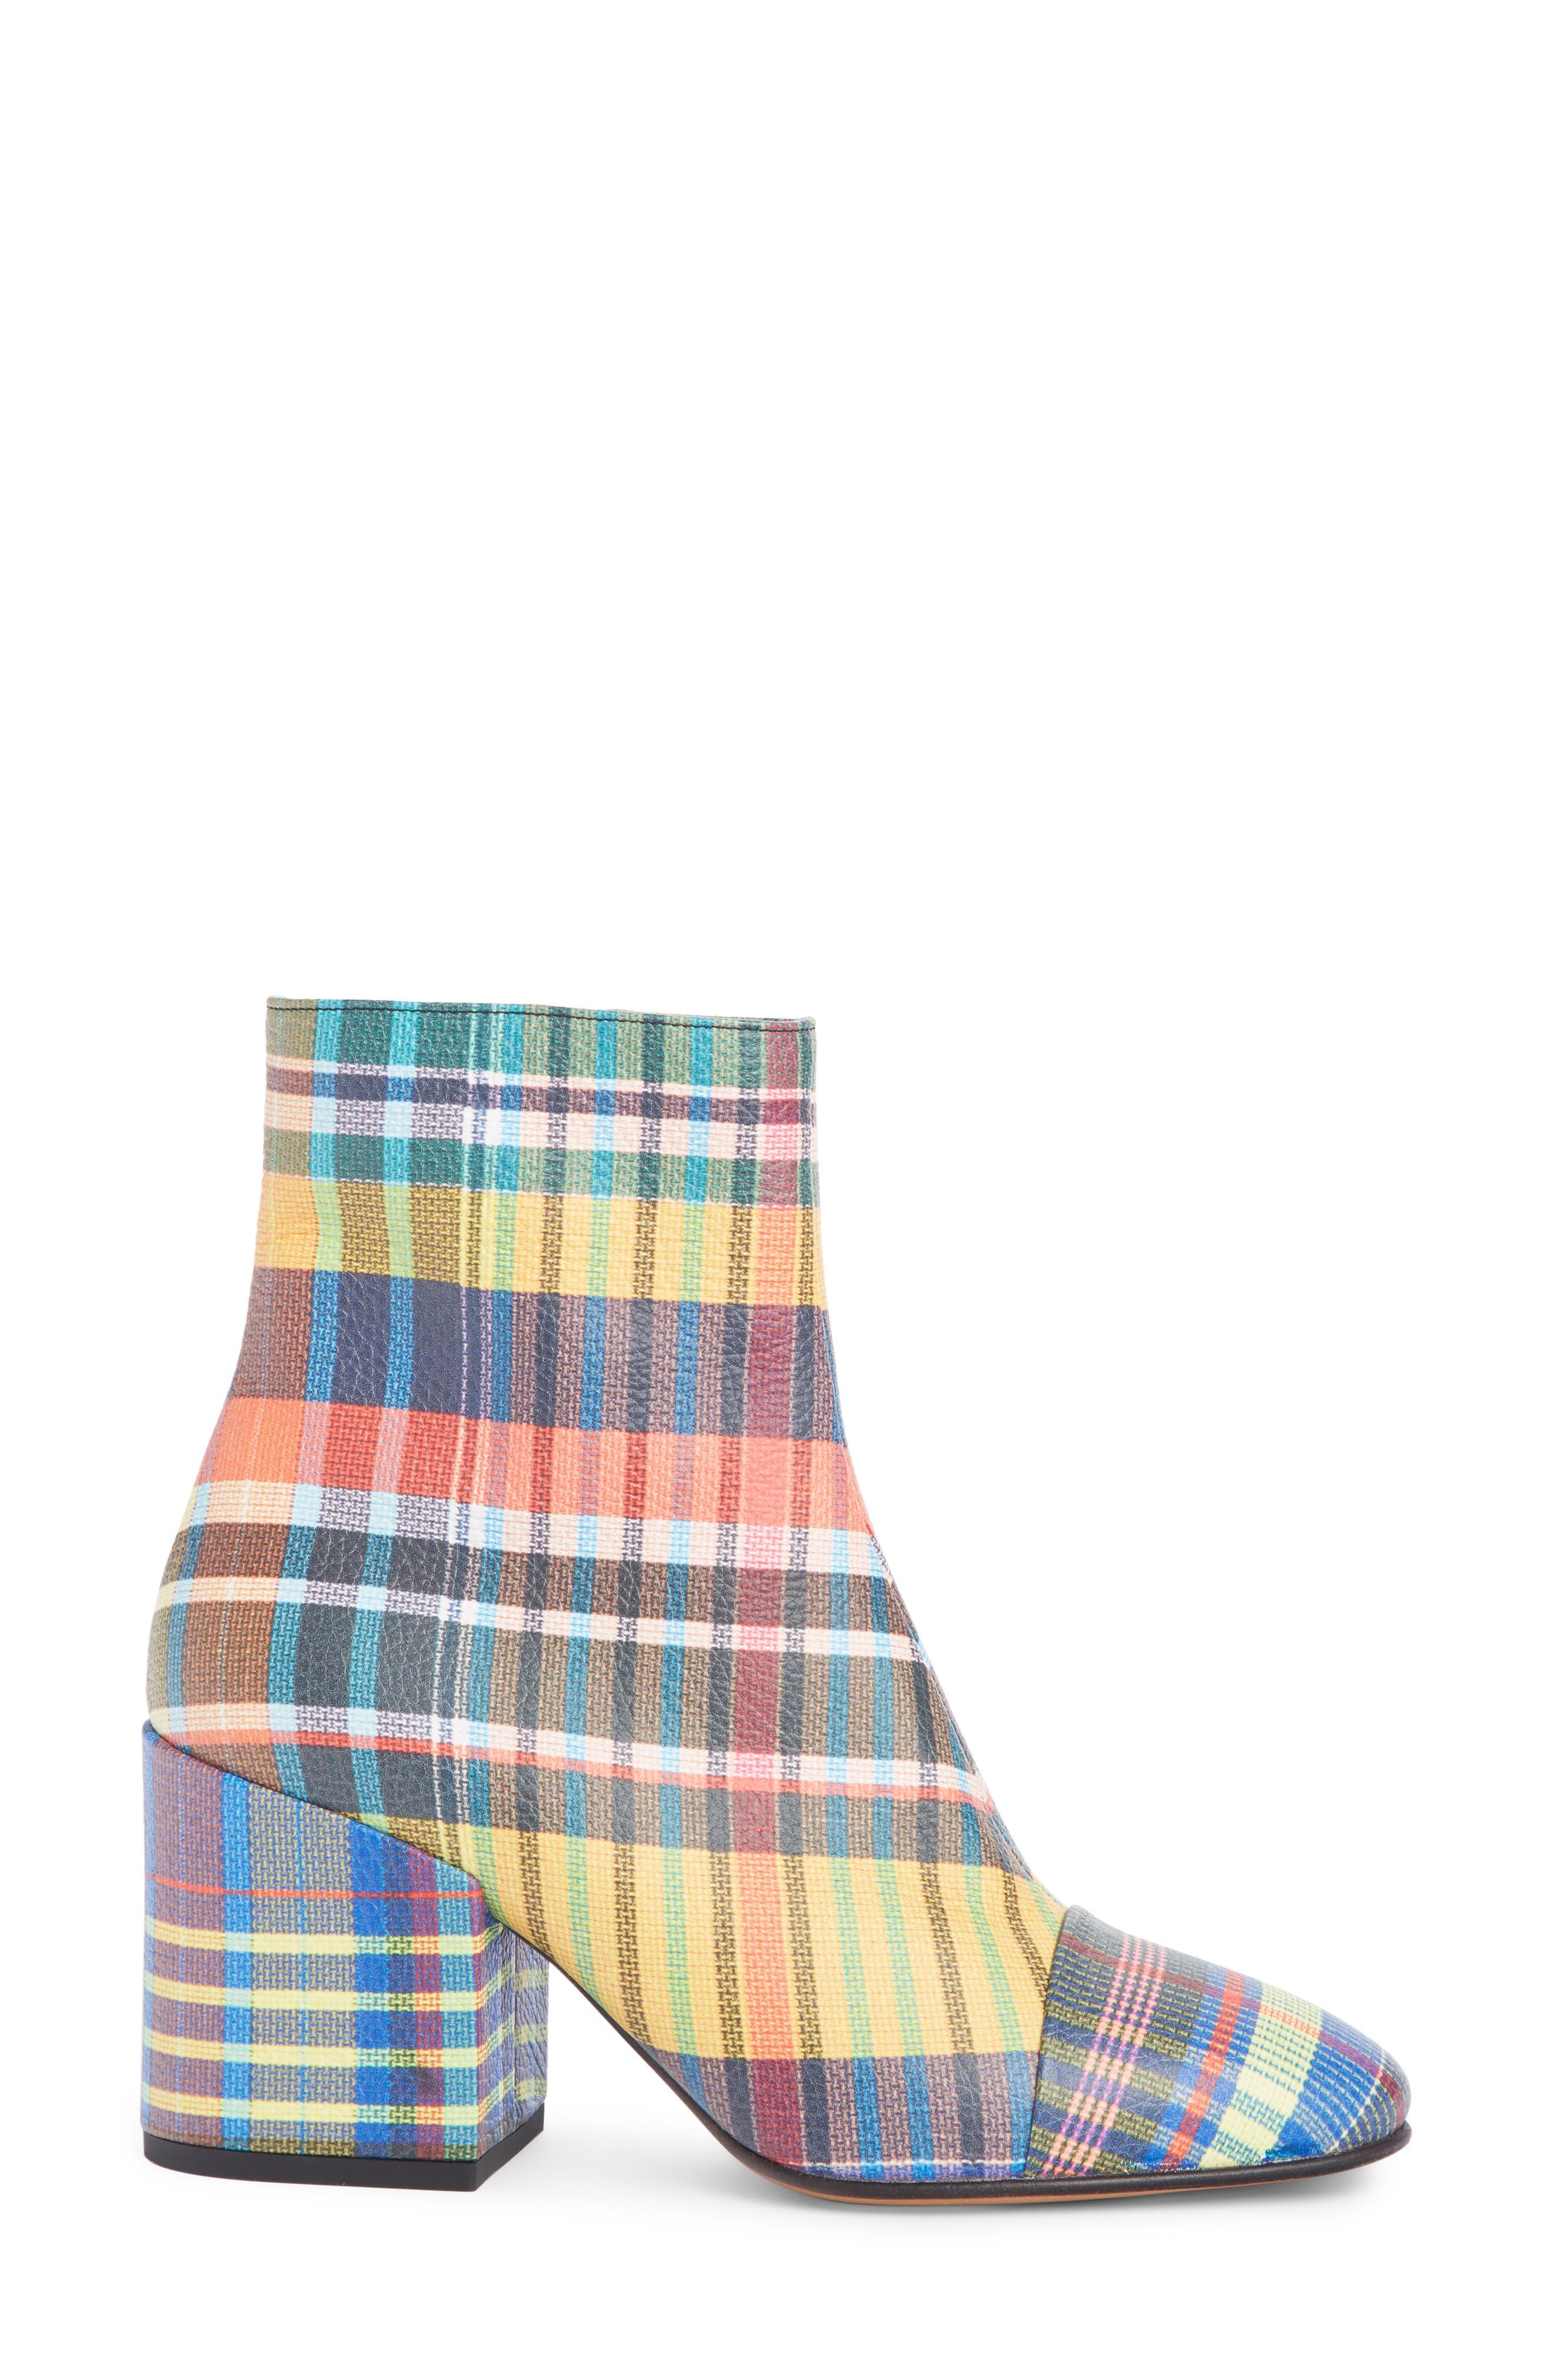 DRIES VAN NOTEN, Waterproof Block Heel Bootie, Alternate thumbnail 3, color, PLAID MULTI